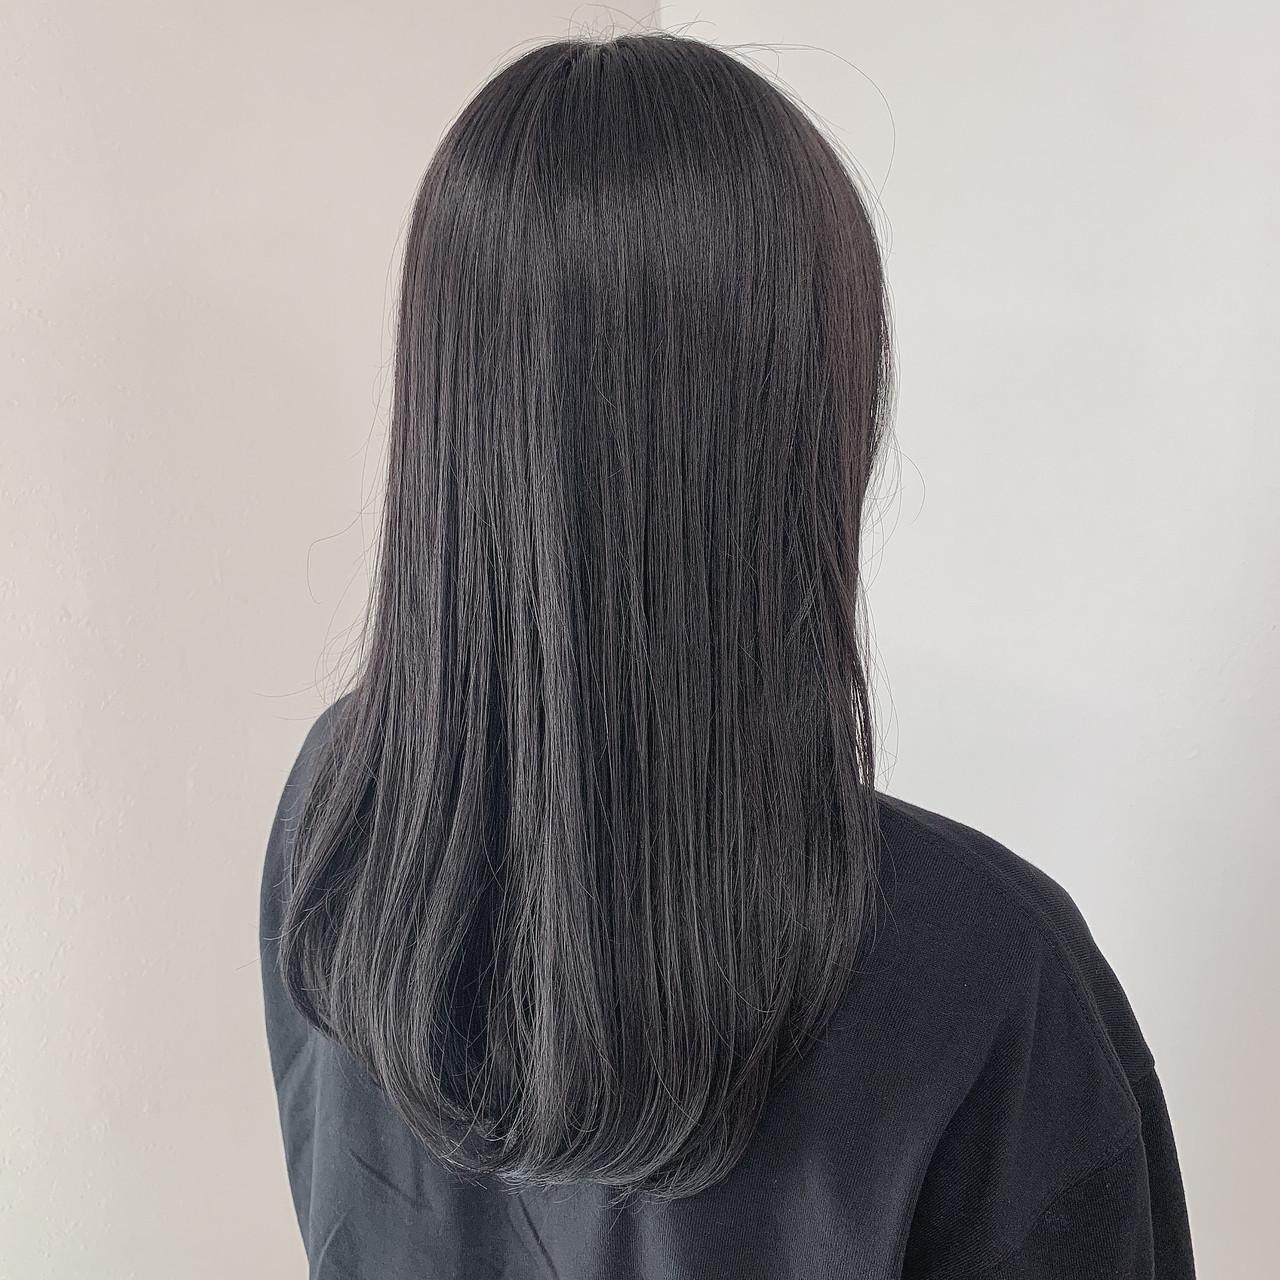 次のヘアカラーは、ブルーブラックへシフト!透明感を手に入れよう♡の11枚目の画像